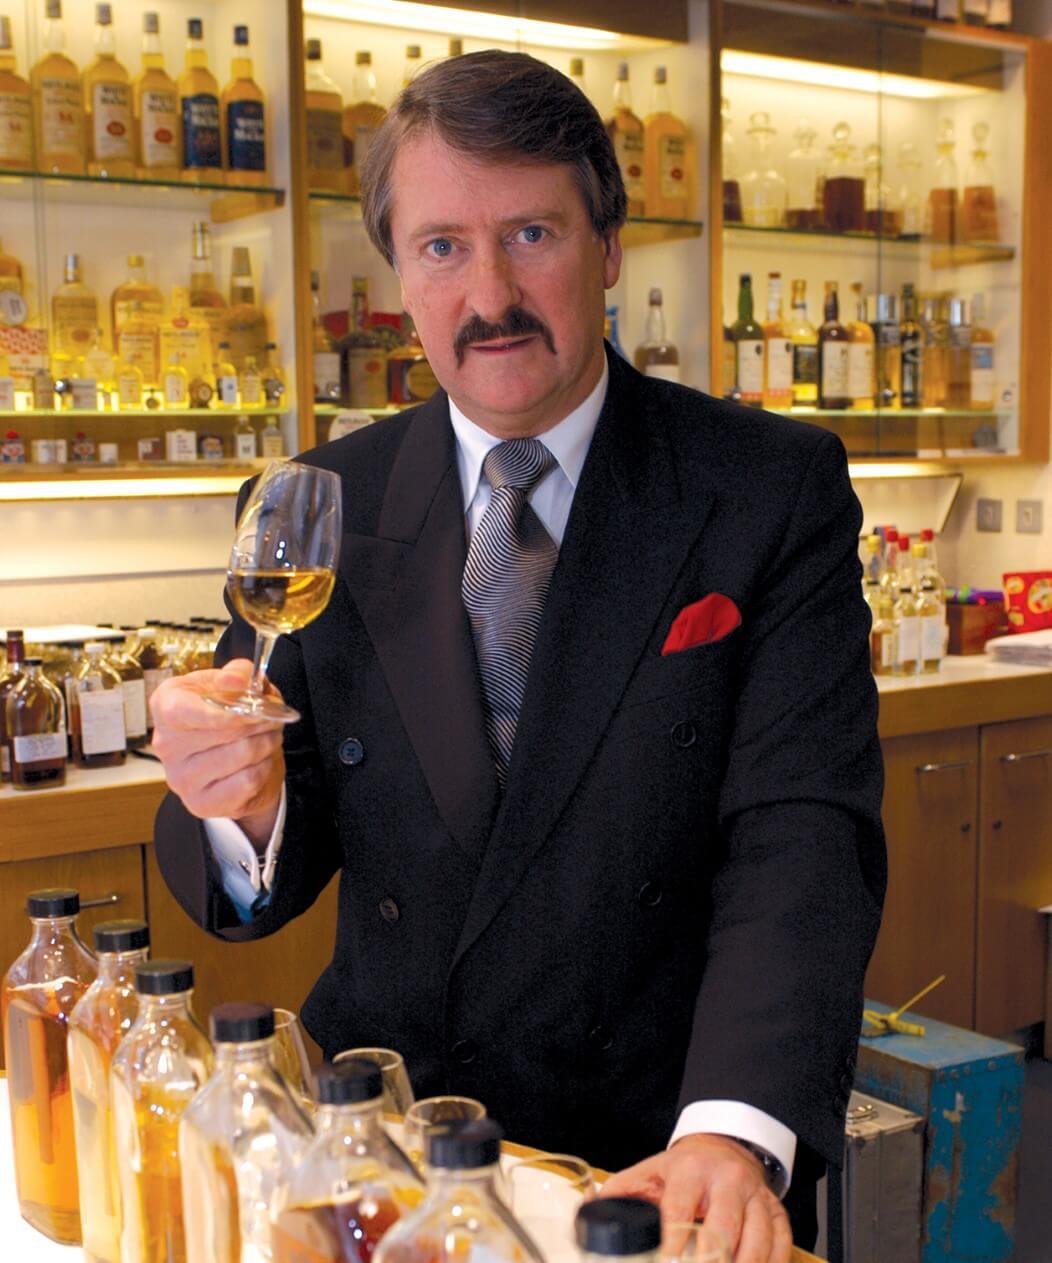 Master blender Richard Paterson